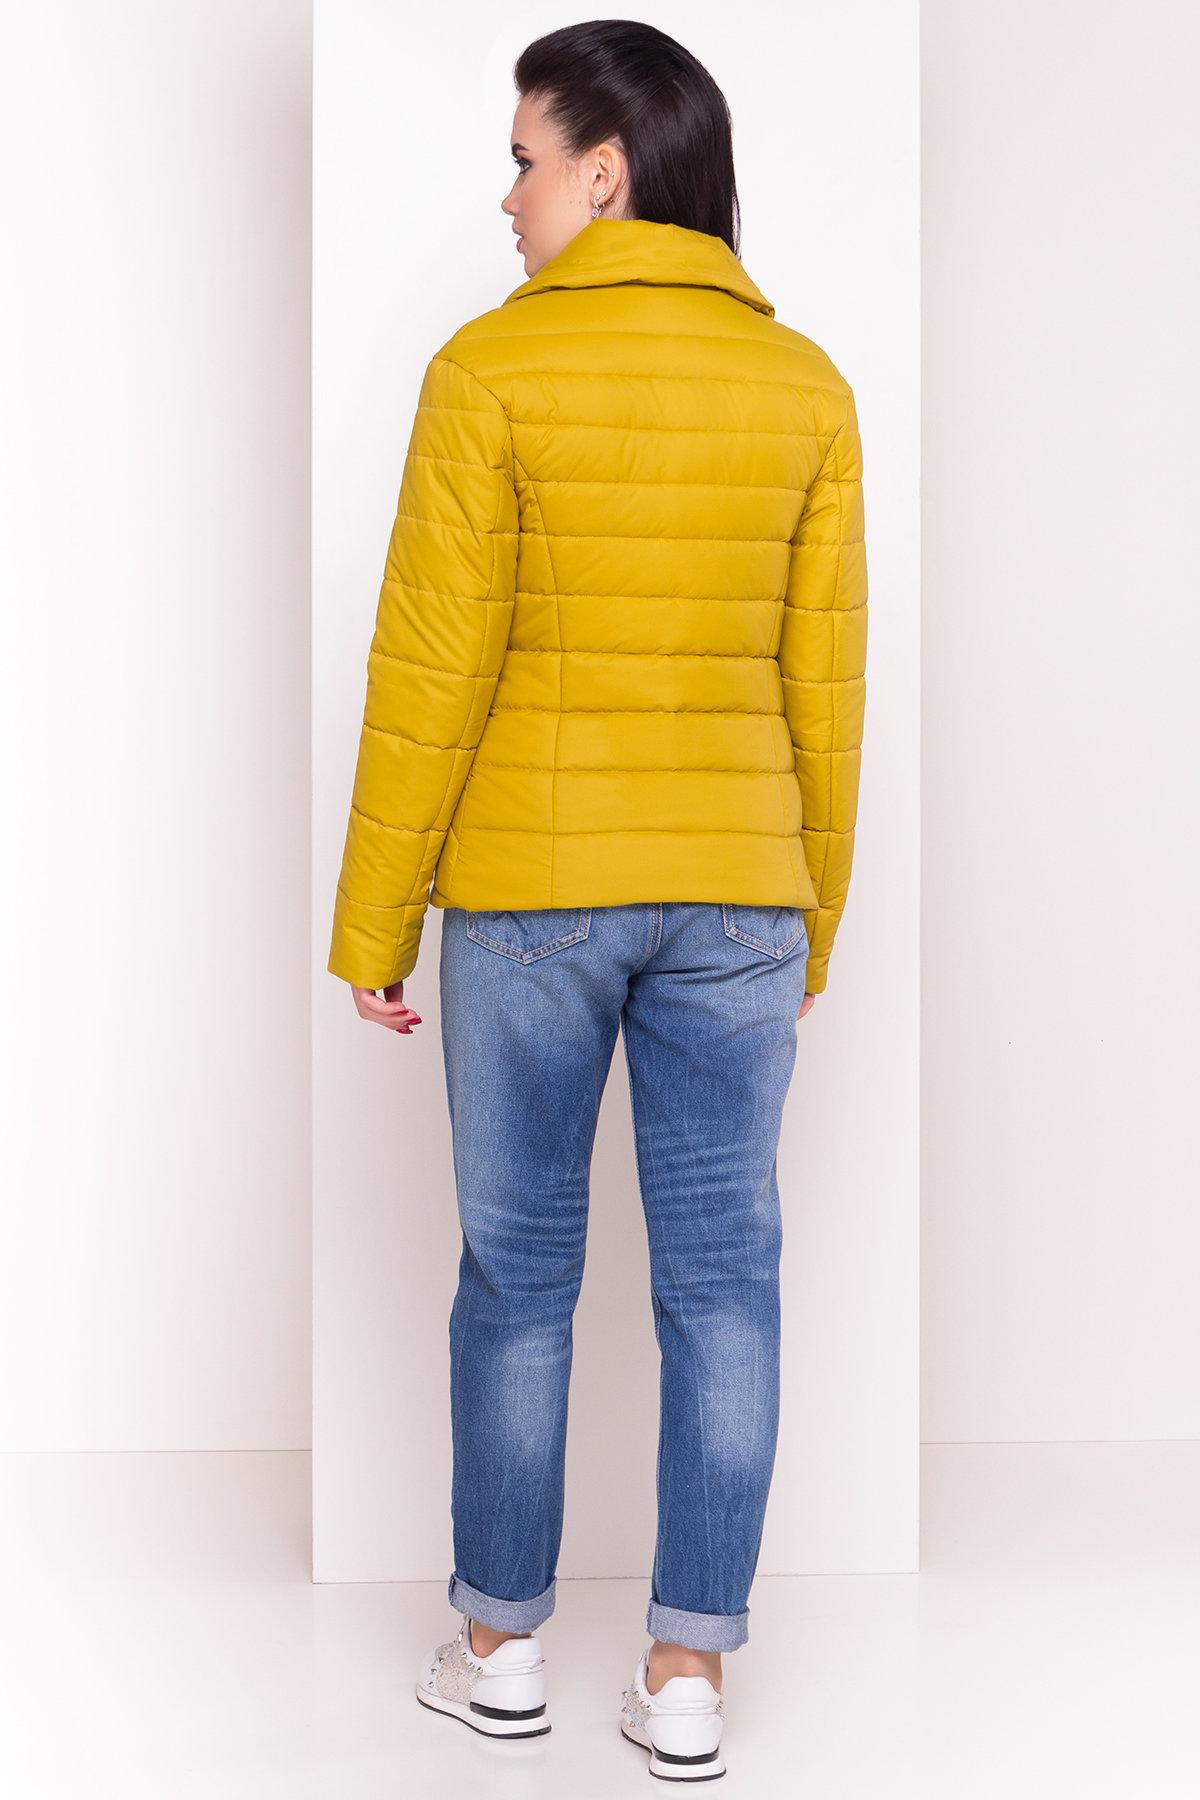 Куртка однотонная Мириам 4564 АРТ. 21648 Цвет: Горчица - фото 4, интернет магазин tm-modus.ru